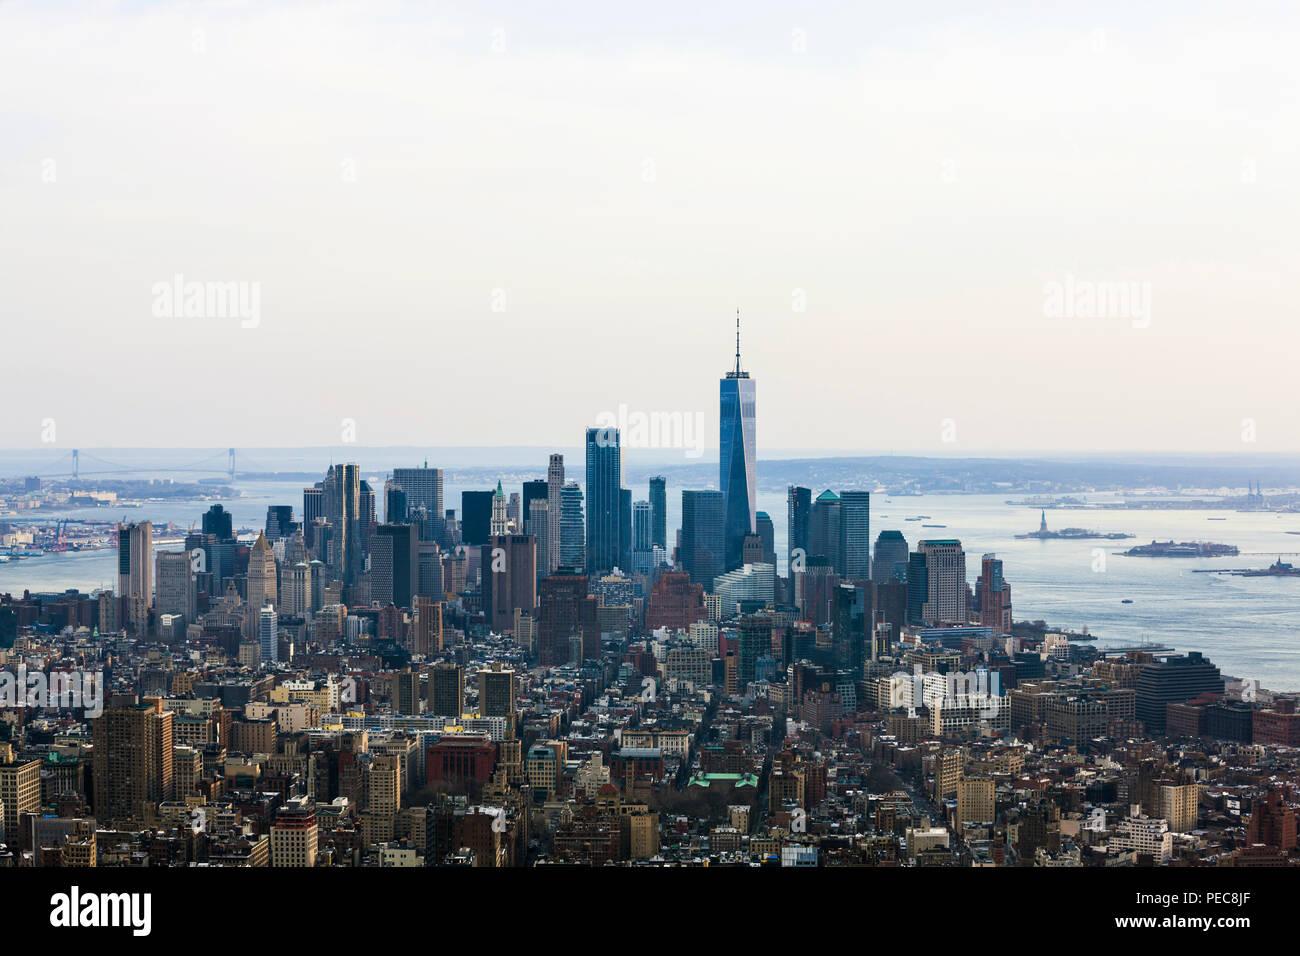 Blick von oben auf das One World Trade Center und Hochhäuser im Bankenviertel, Skyline, Manhattan, New York City, New York Stockbild